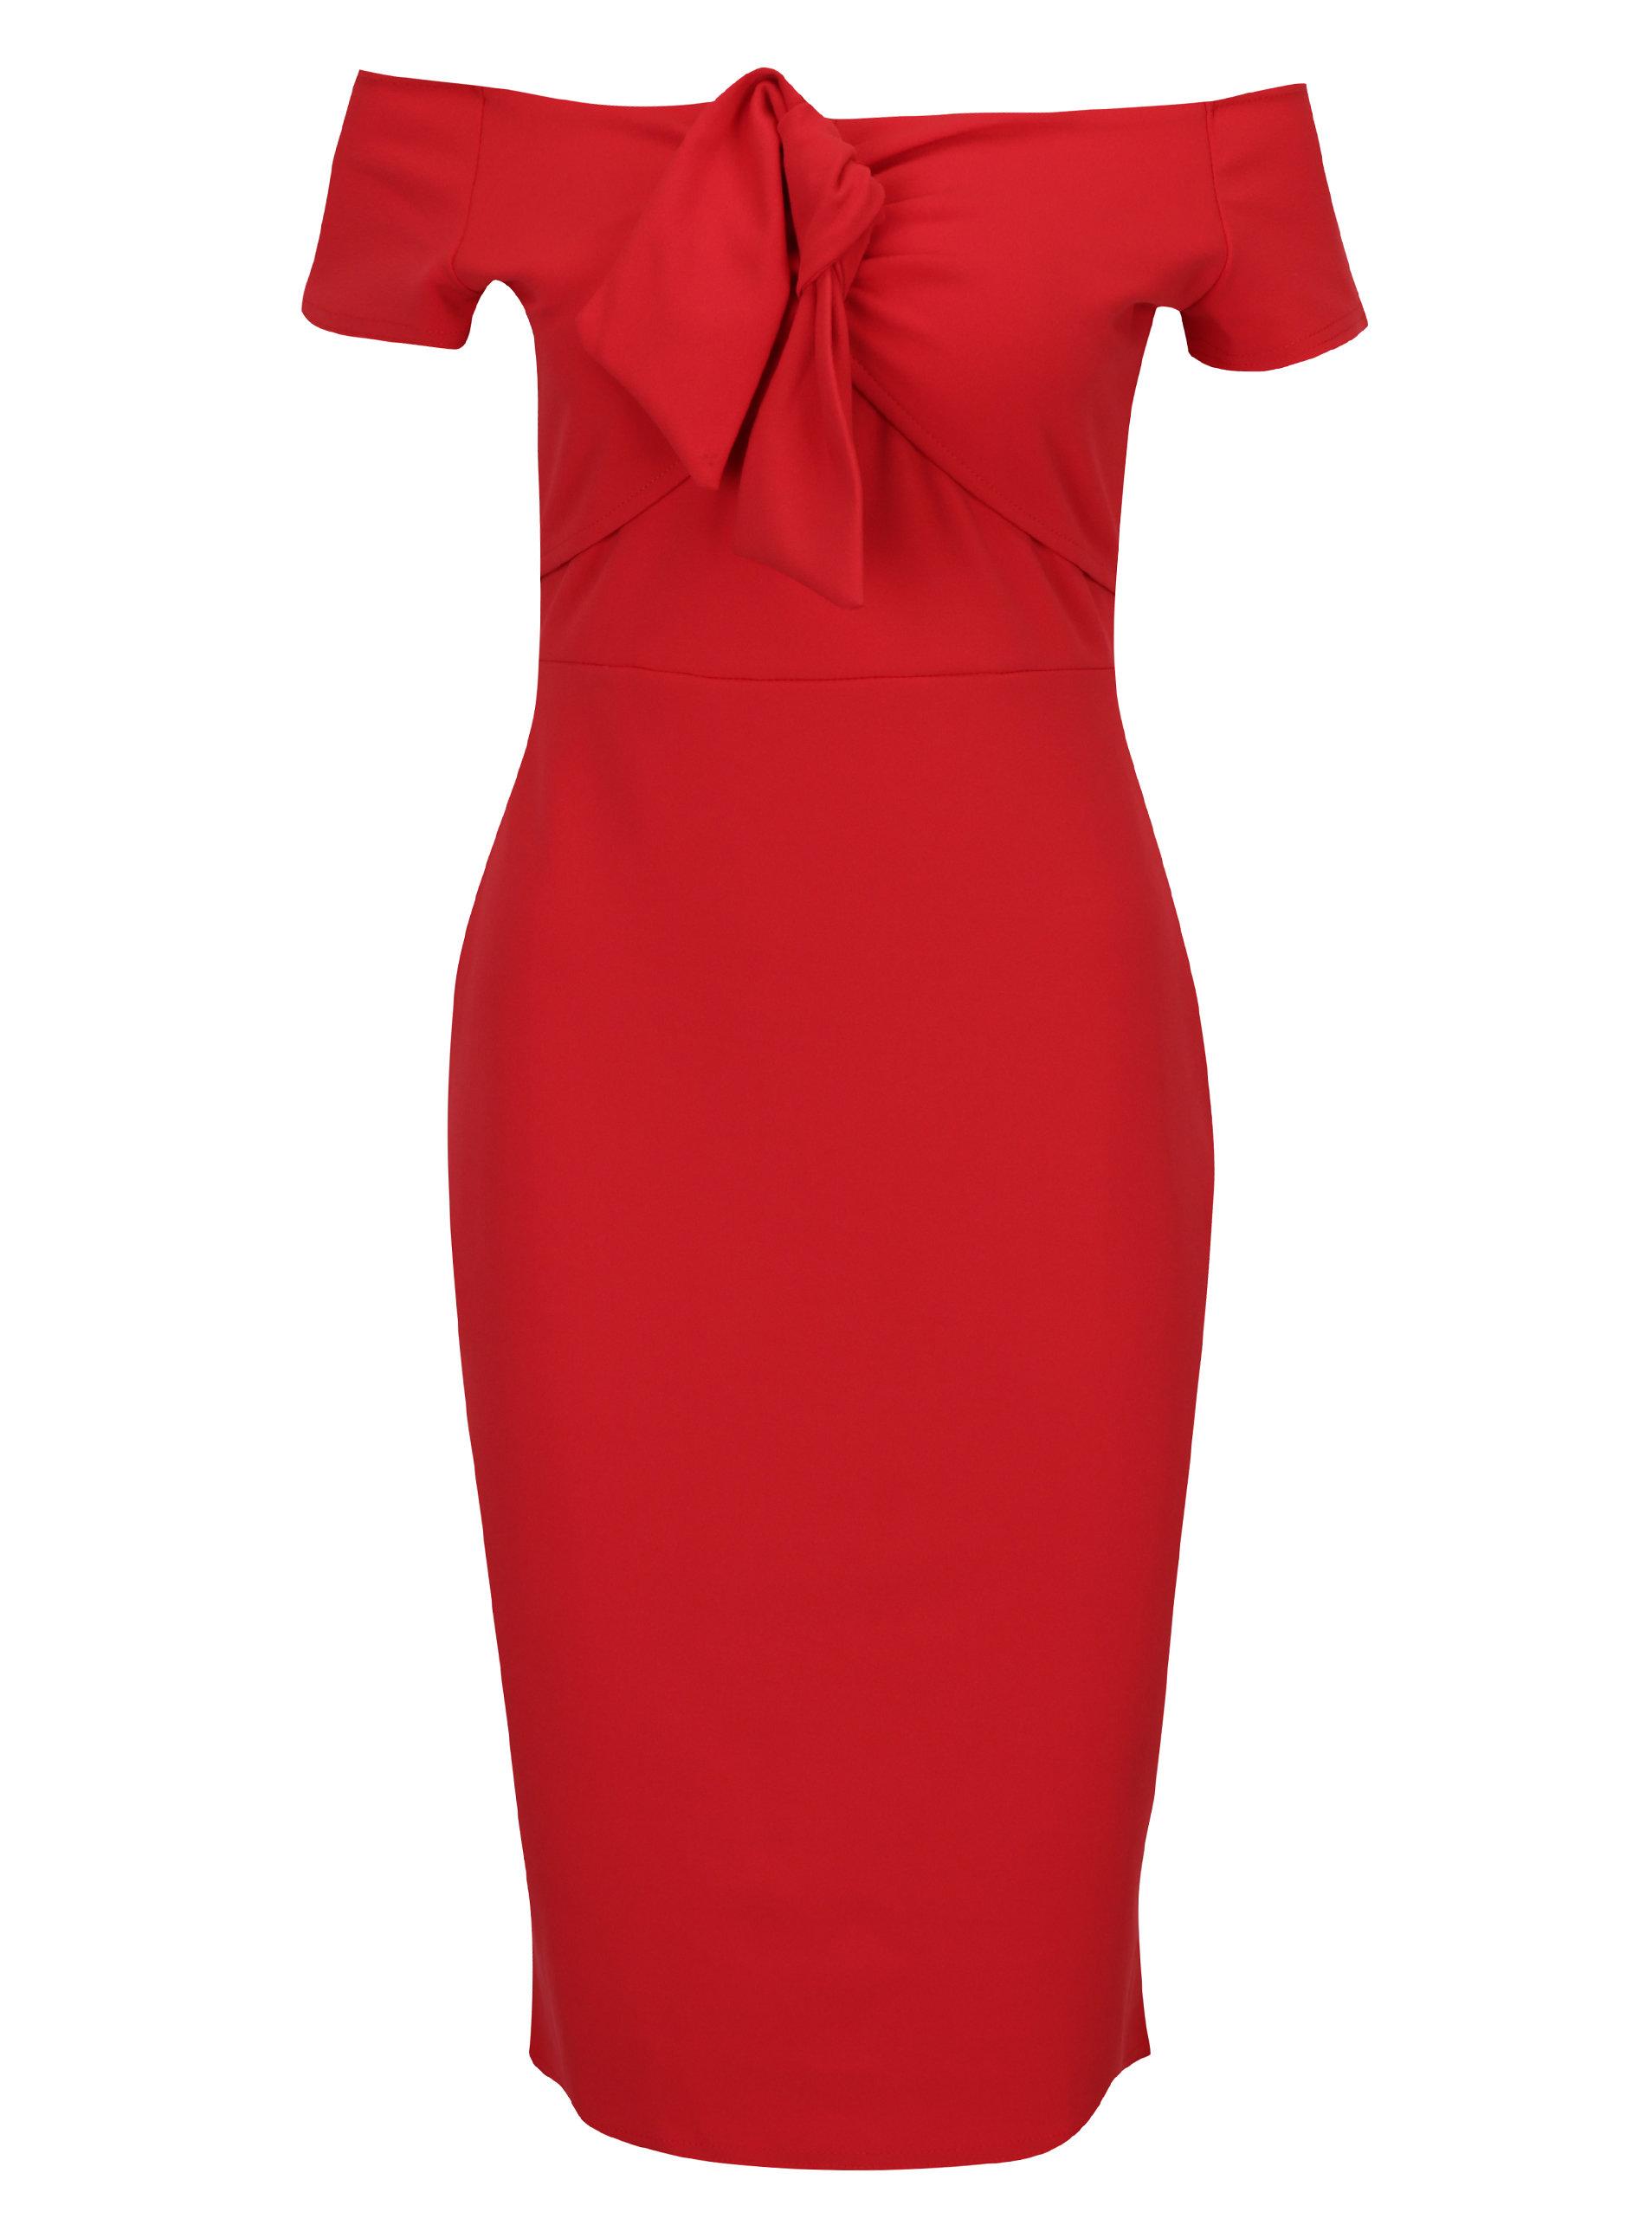 69c39bc6806b Červené pouzdrové šaty s odhalenými rameny Dorothy Perkins ...